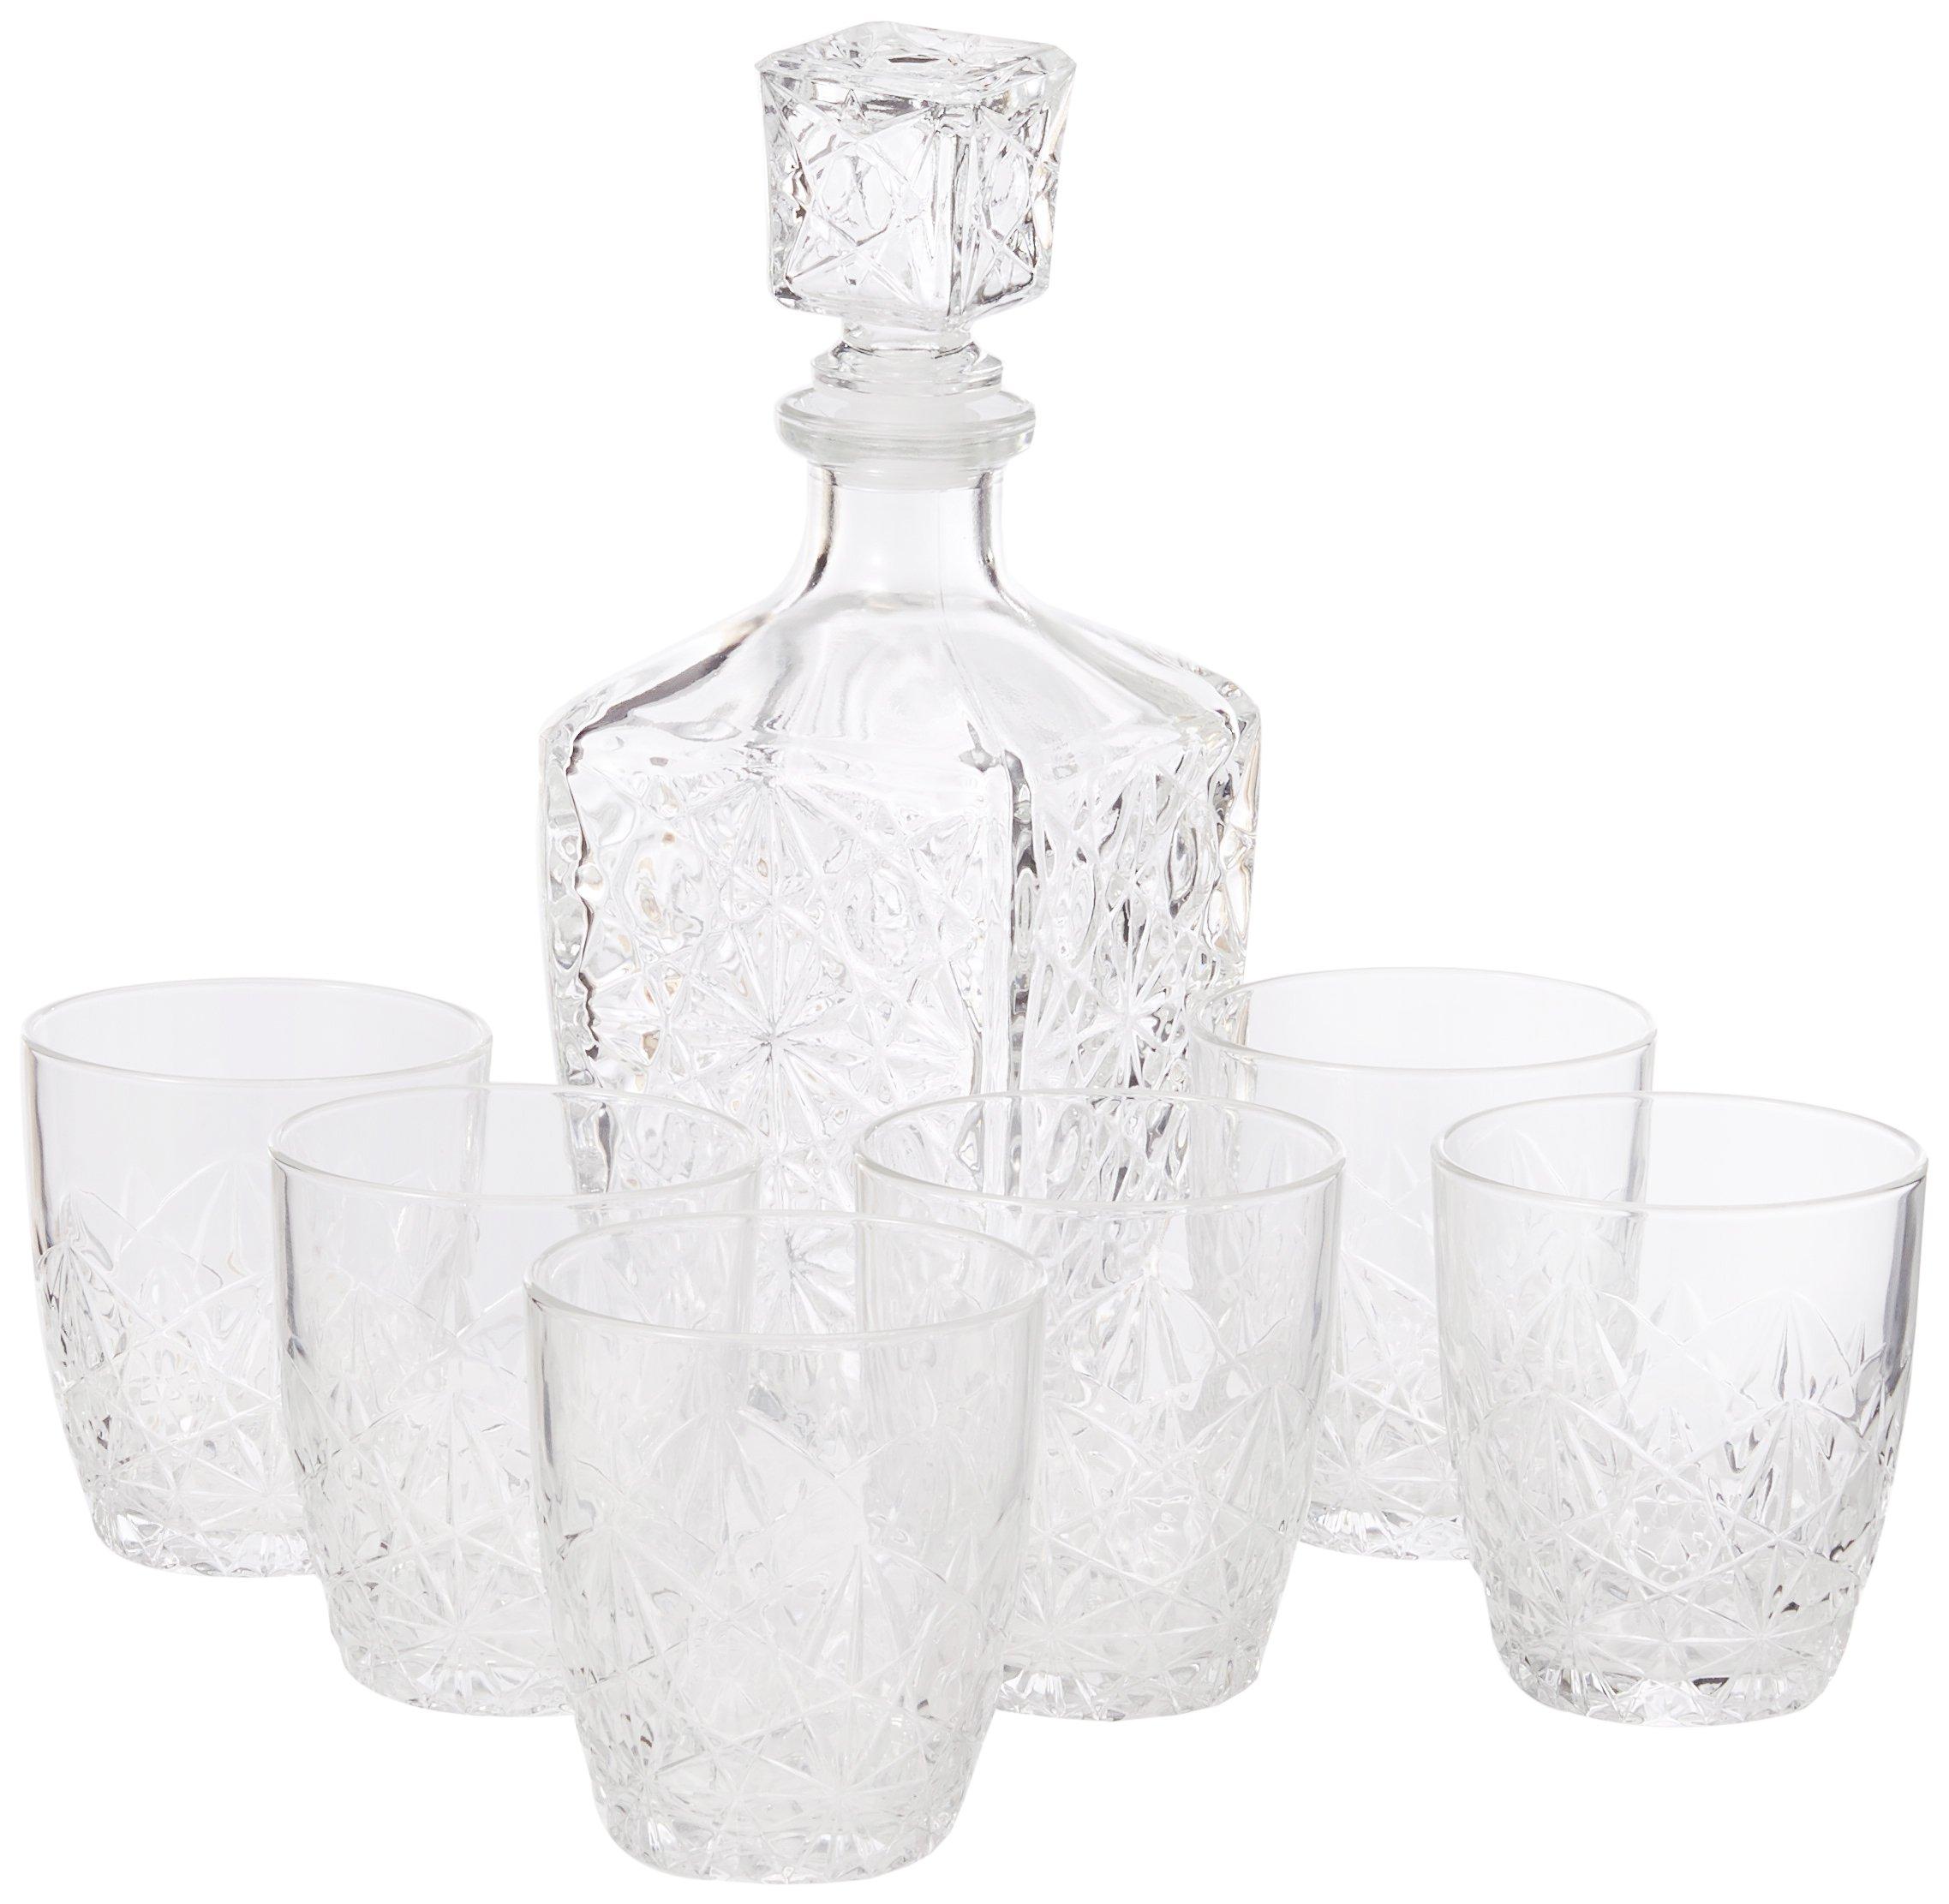 Bormioli Rocco Dedalo Glass Decanter 800ml 6 Glasses 260ml